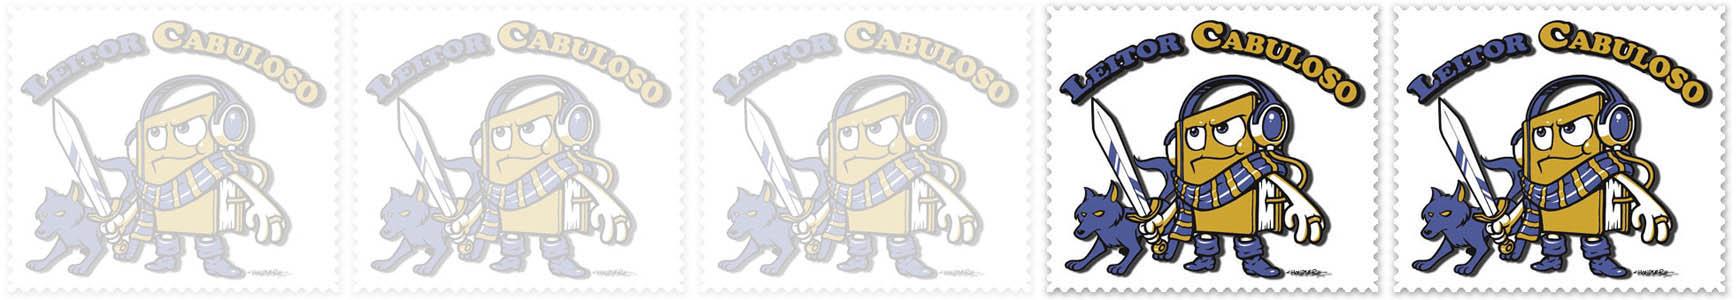 02-selos-cabulosos